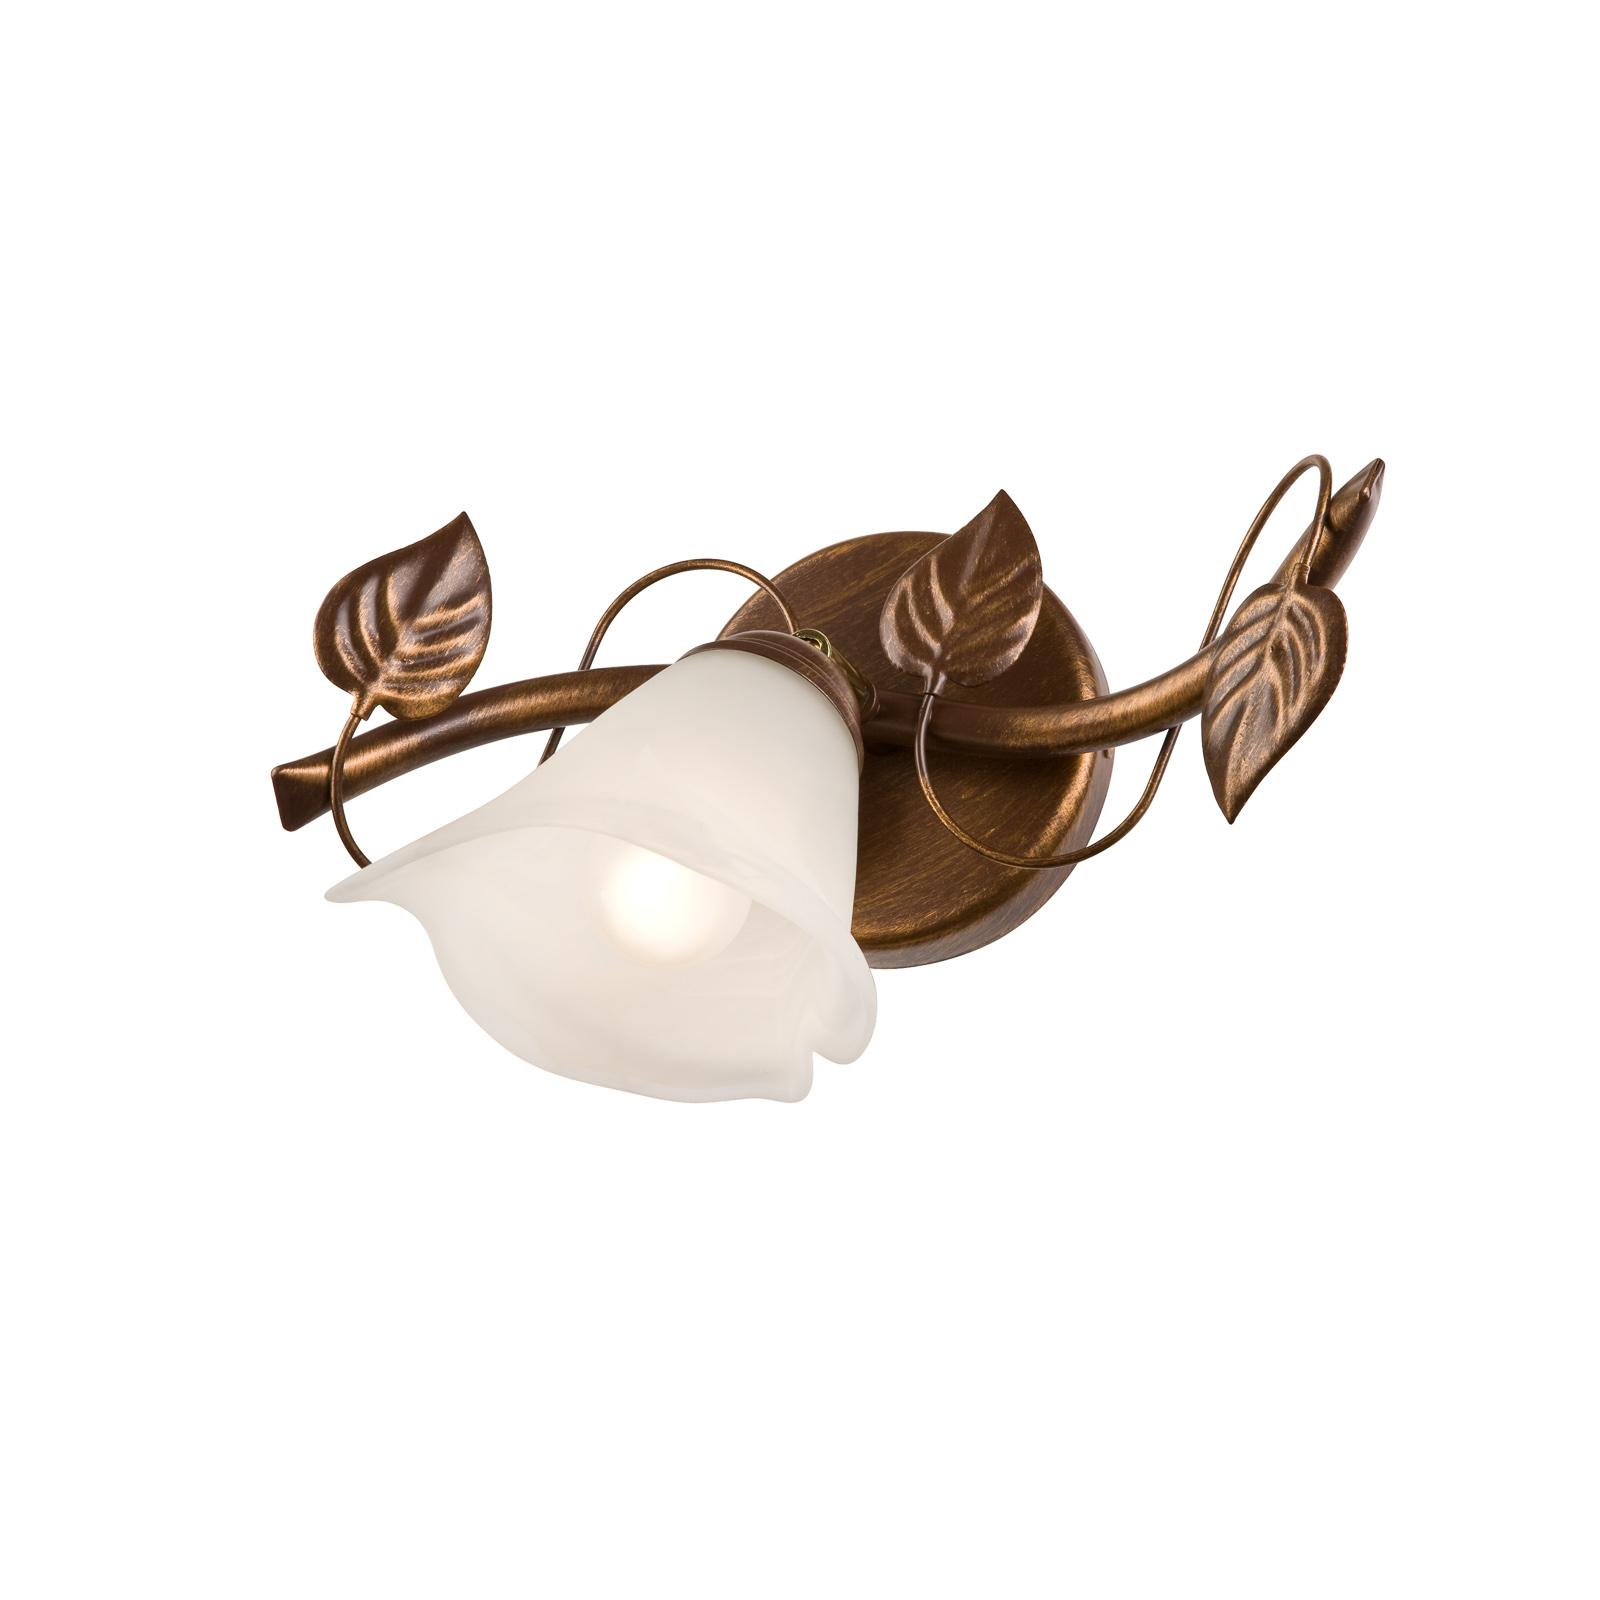 Væglampe Siena florentinerstil 1lk downlight